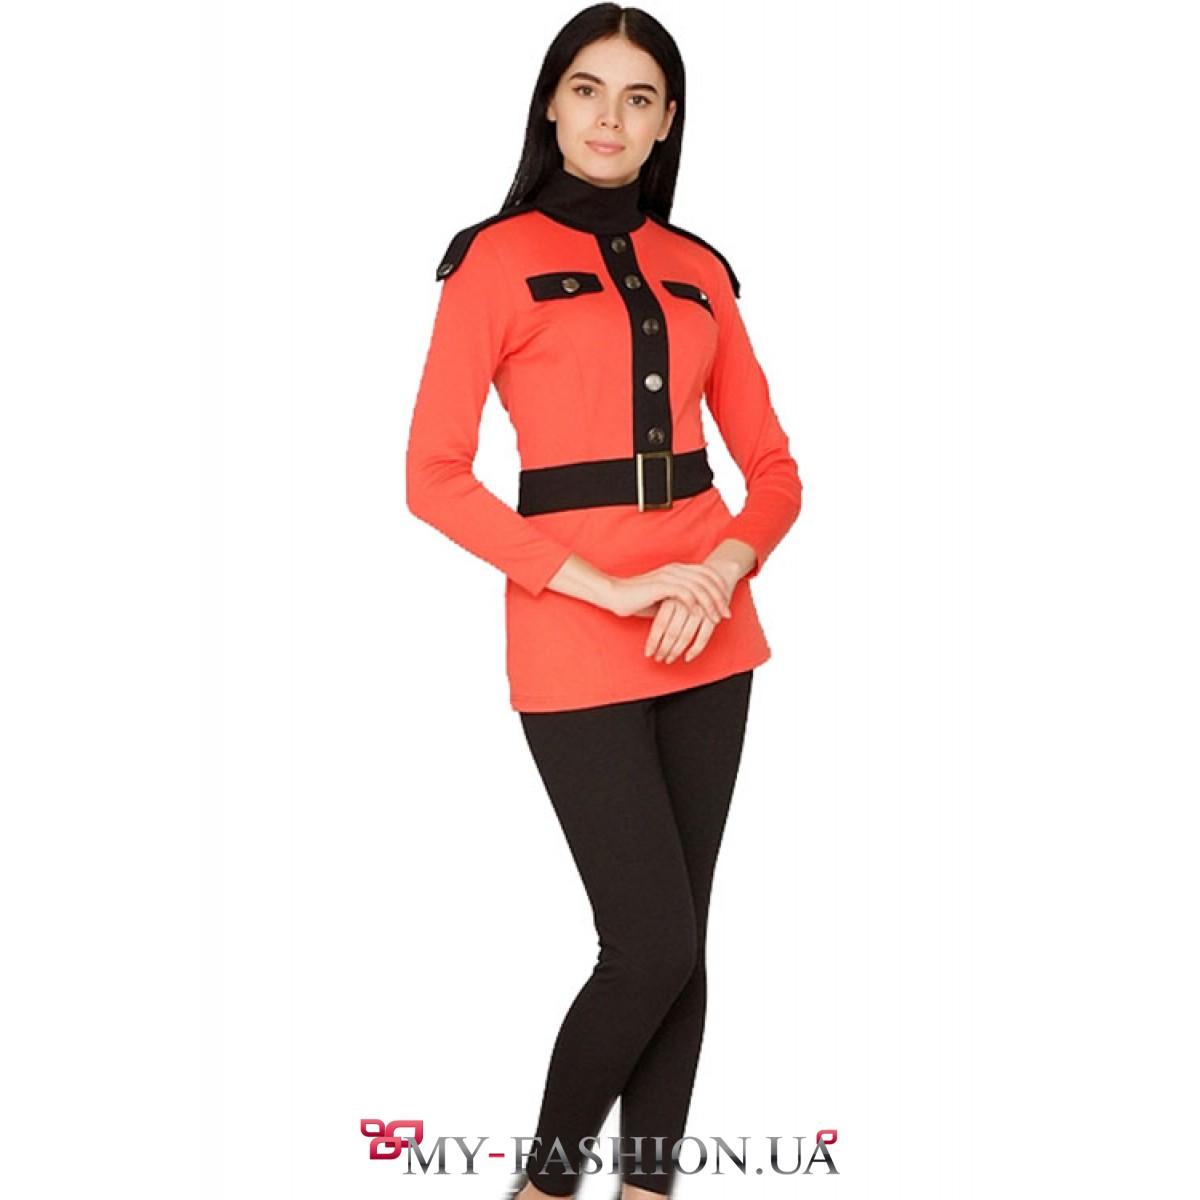 Купить болоневый спортивный костюм женский с доставкой